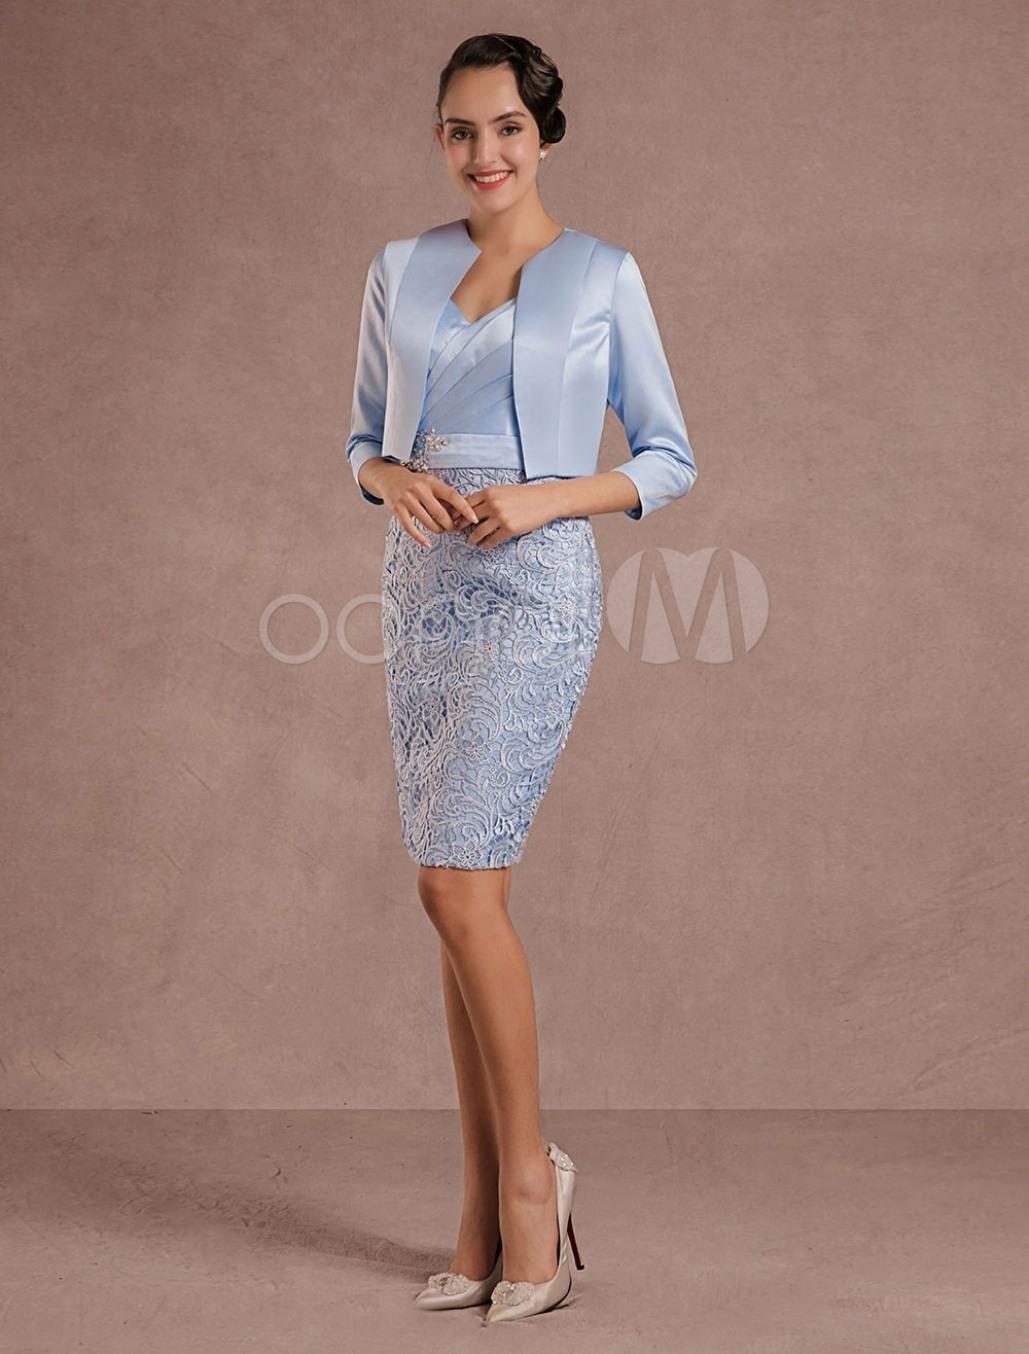 Einzigartig Brautmutter Kleidung StylishAbend Spektakulär Brautmutter Kleidung Boutique